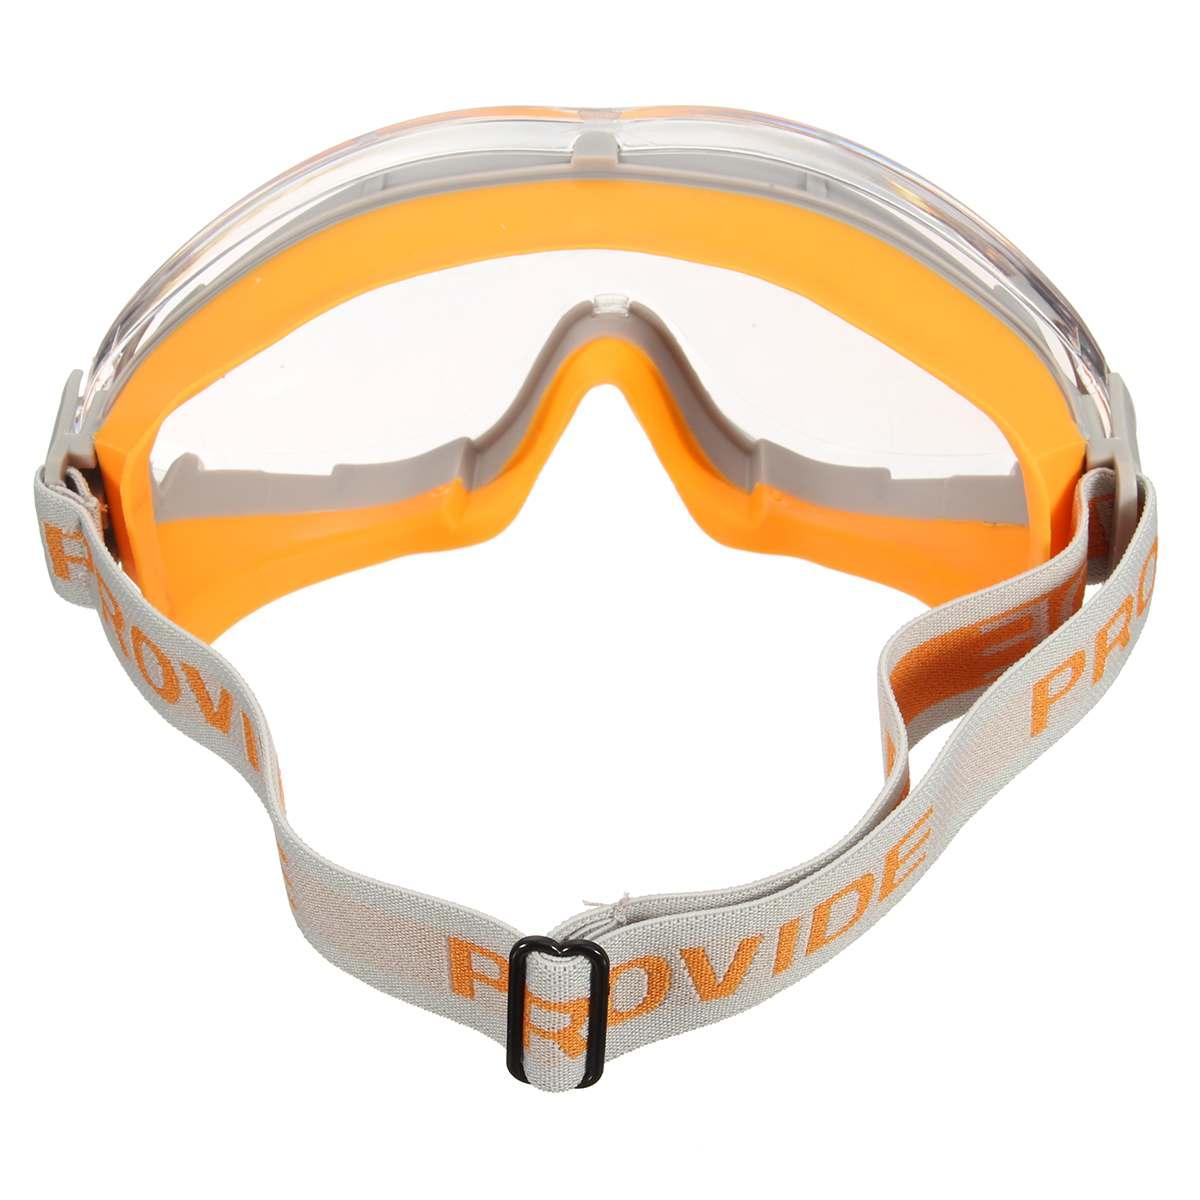 Lunettes de protection en verre ordinaire pour le travail lunettes de protection anti-brouillardLunettes de protection en verre ordinaire pour le travail lunettes de protection anti-brouillard